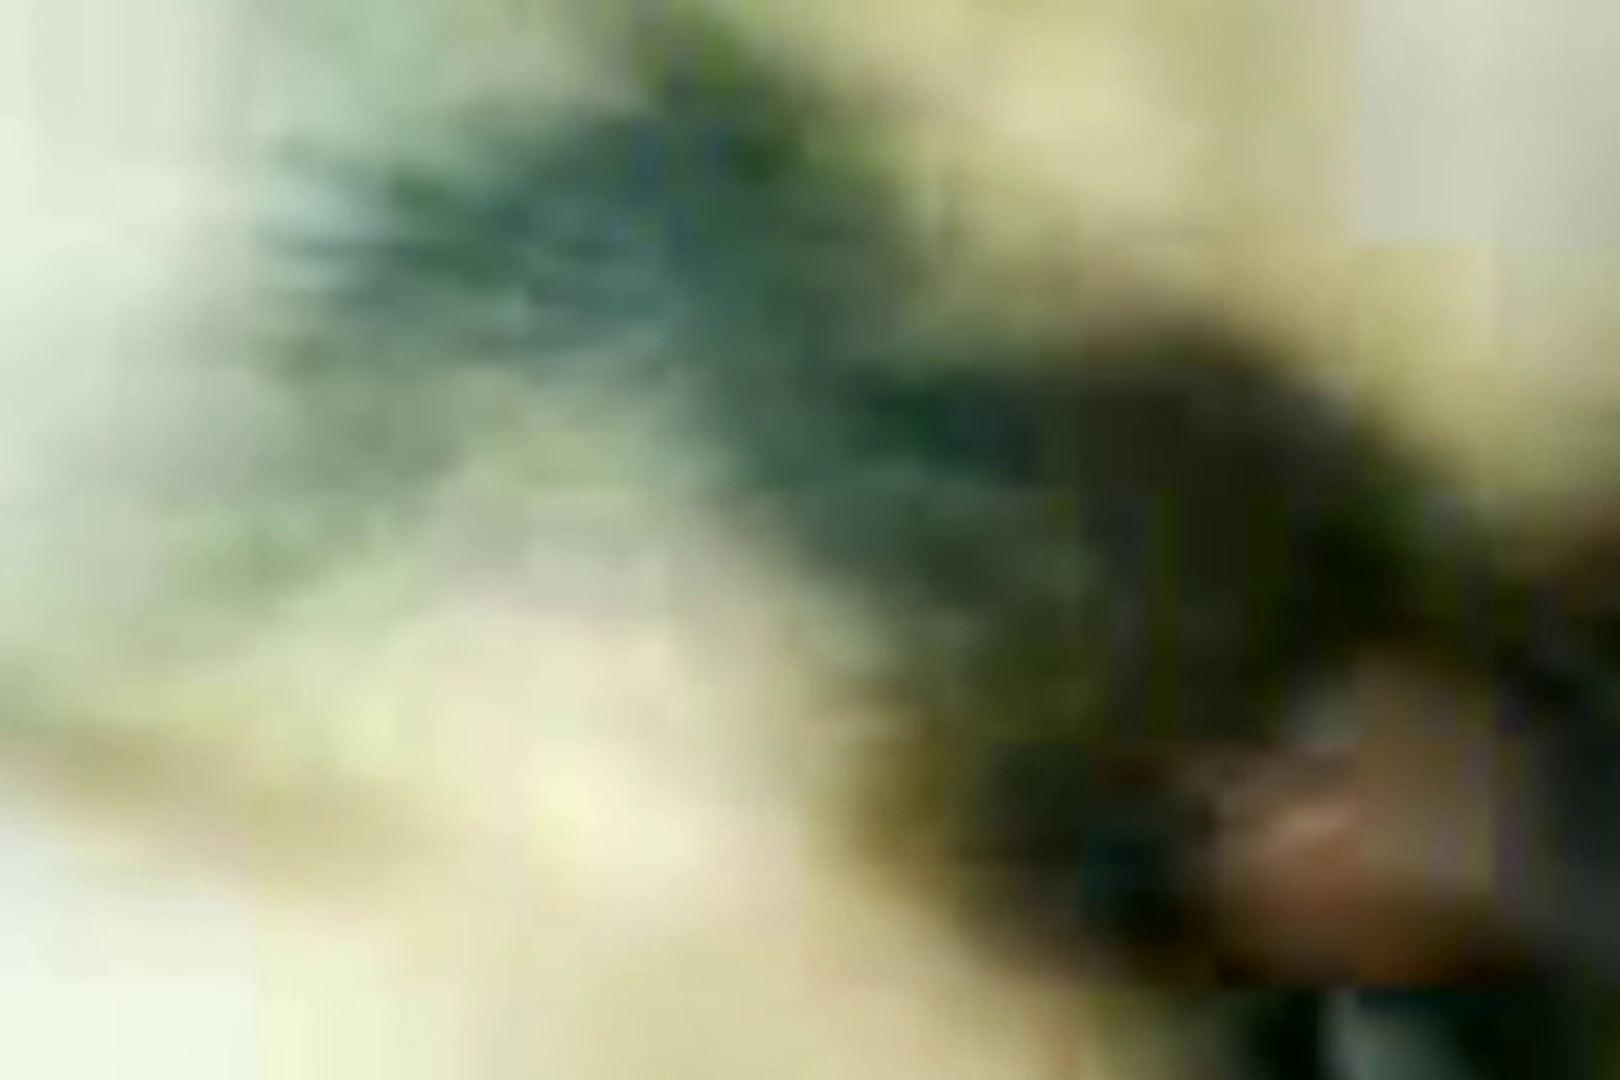 ウイルス流出 串田良祐と小学校教諭のハメ撮りアルバム 学校  58連発 32